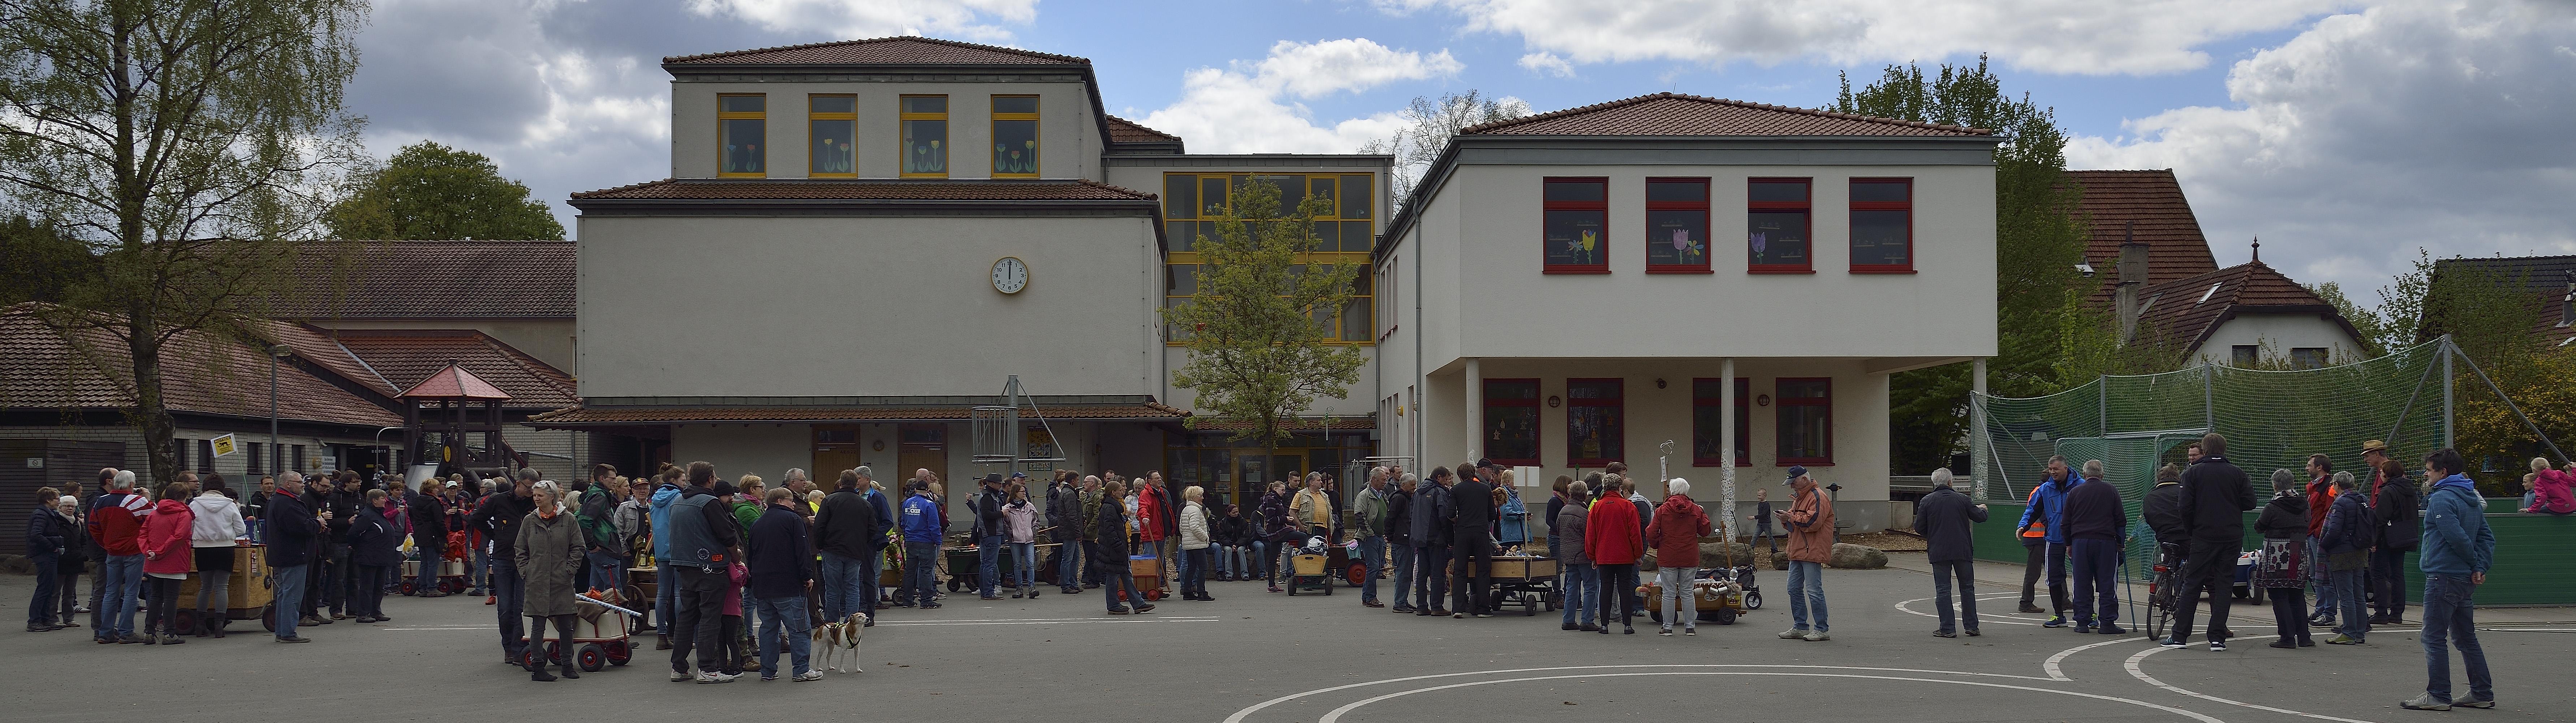 Heimatverein Kutenhausen Bosseln